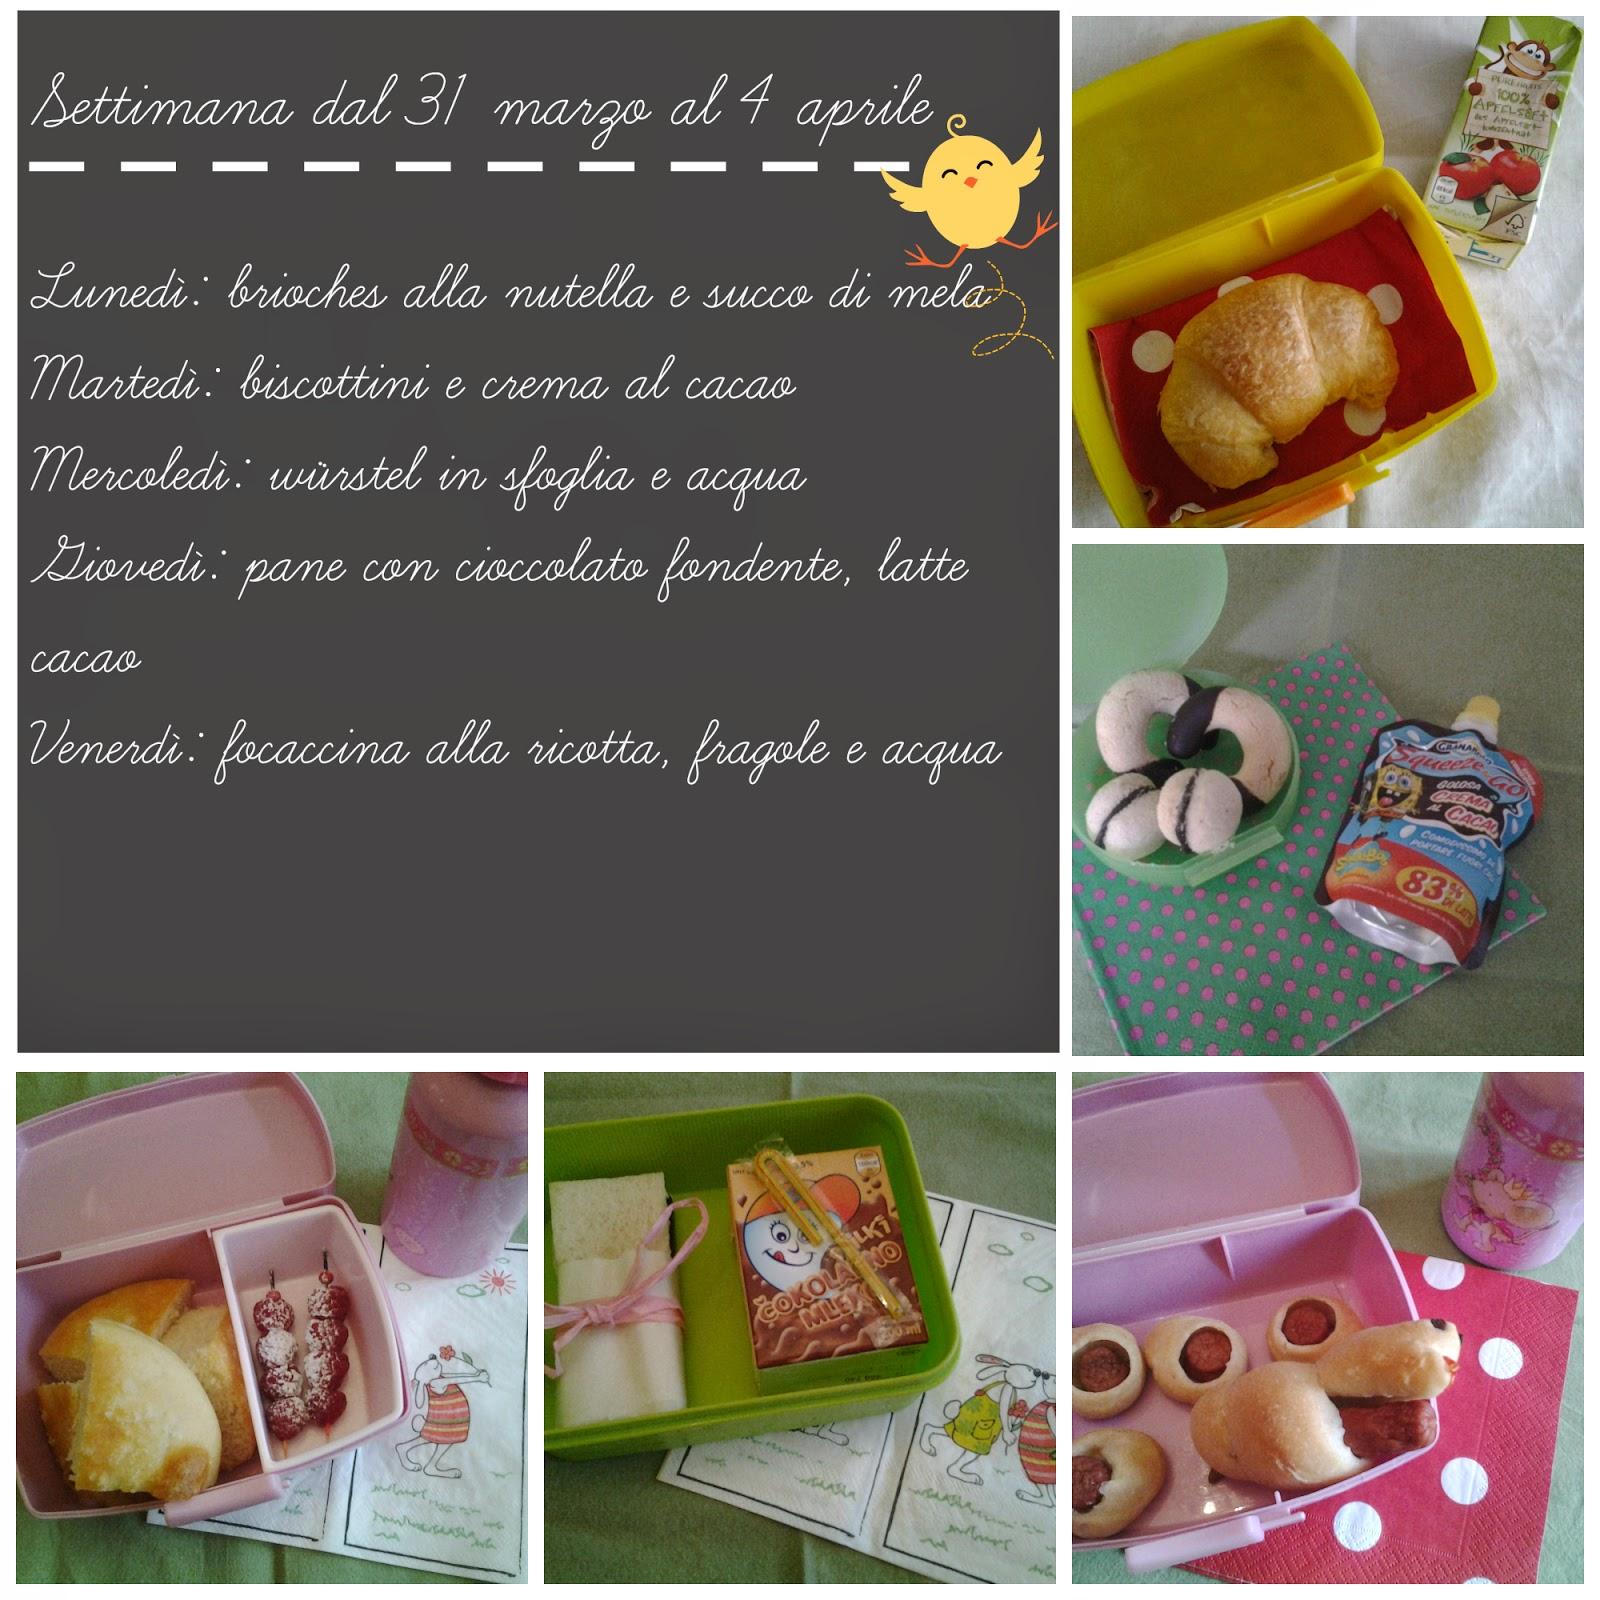 http://www.colazionialetto.com/2014/04/lemerendedicamilla-dal-31-marzo-4.html